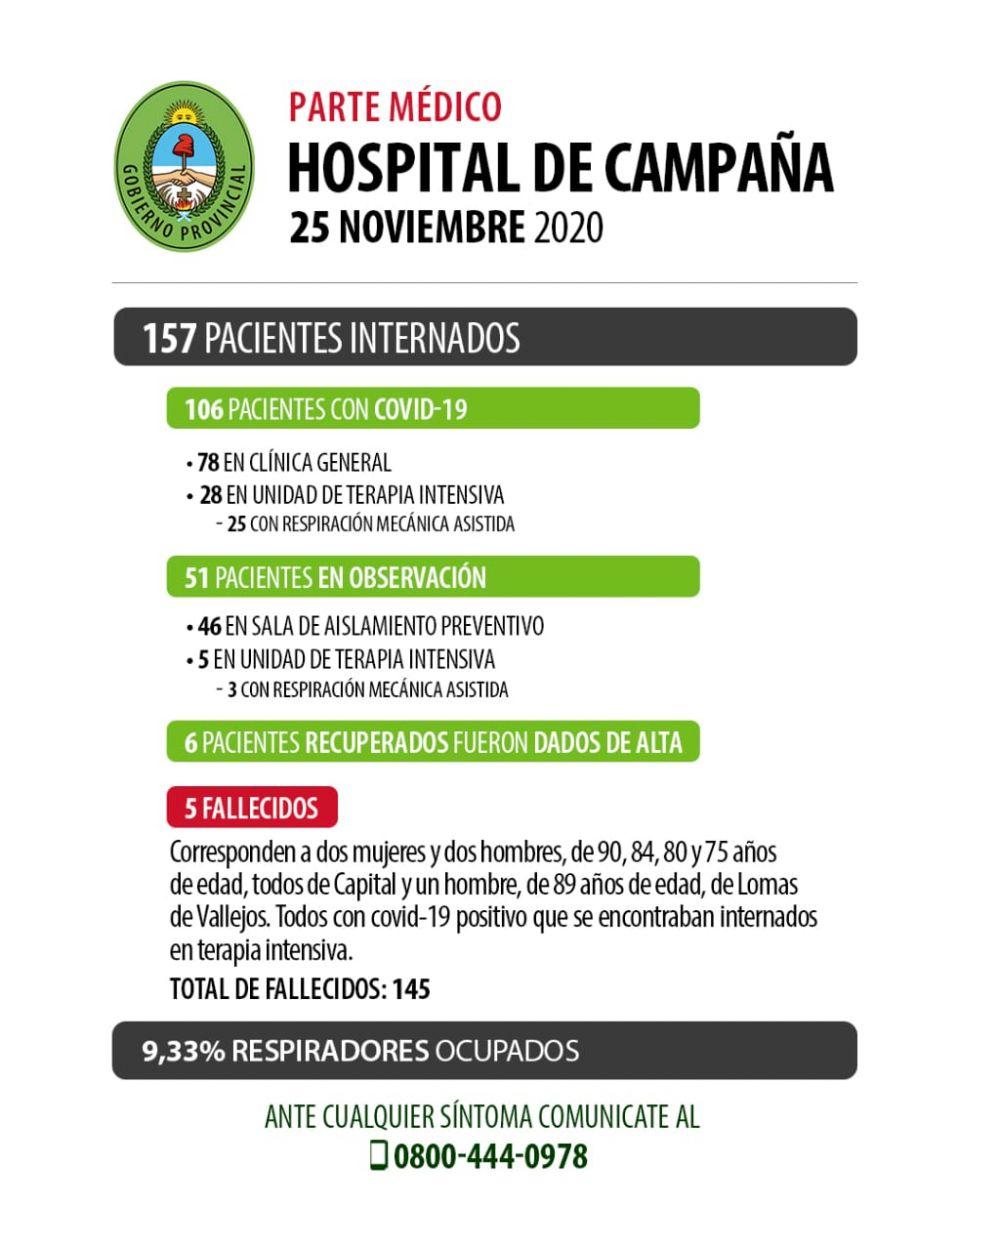 Cinco muertos más y Corrientes se aproxima a las 150 víctimas